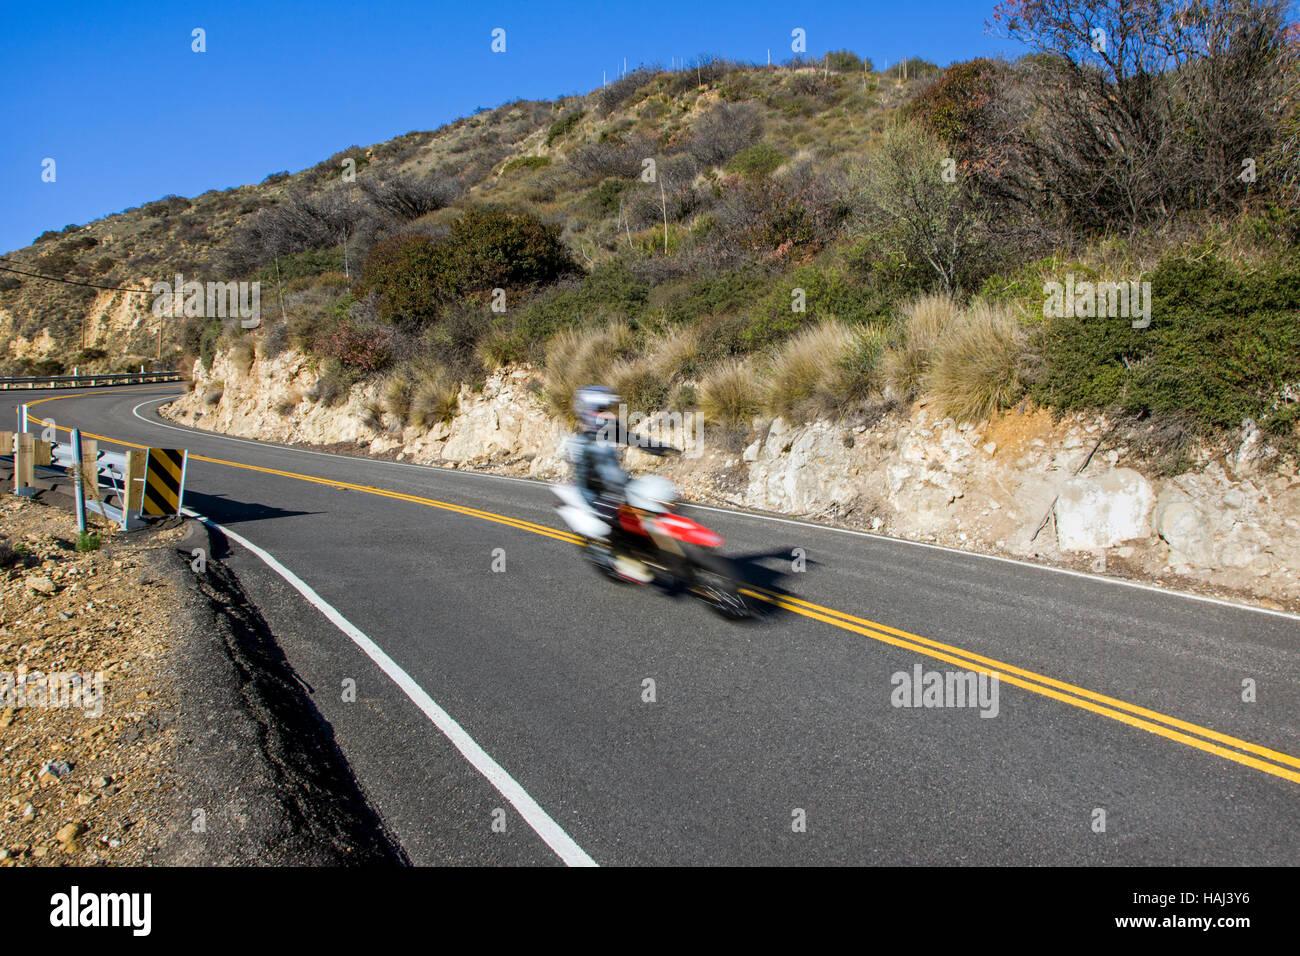 Desenfoque de acción de una motocicleta rider en una carretera cerca de la Rt. 1 y Malibu, California, EE.UU. Imagen De Stock